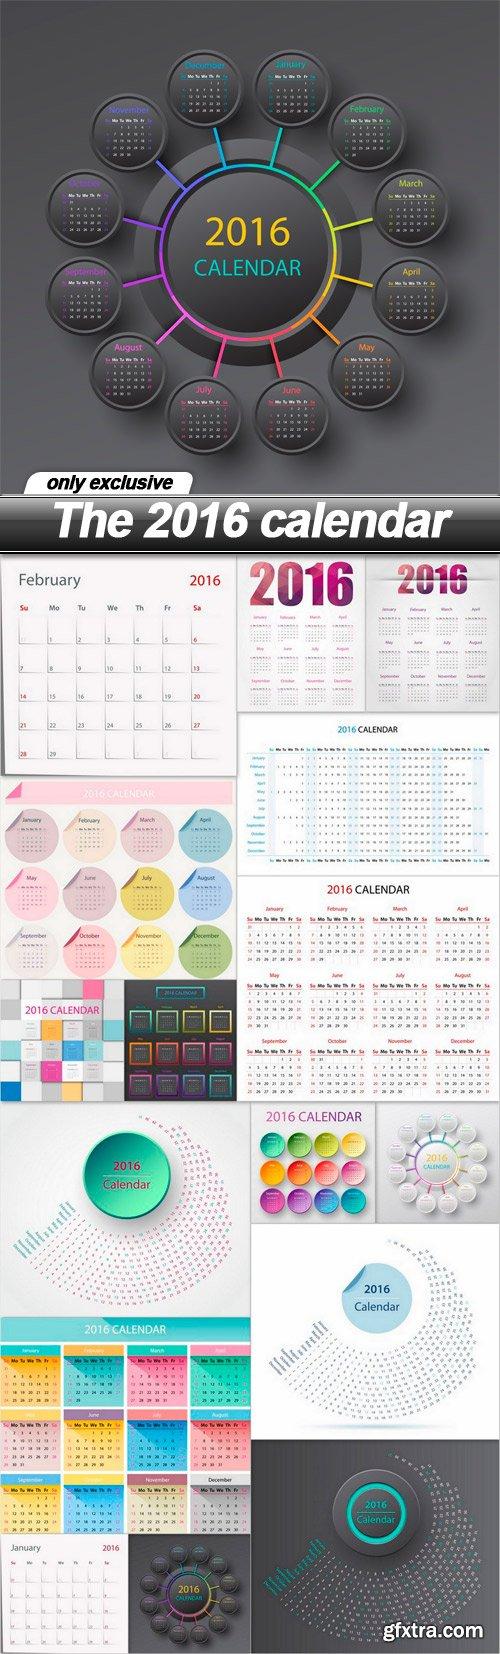 The 2016 calendar - 16 EPS